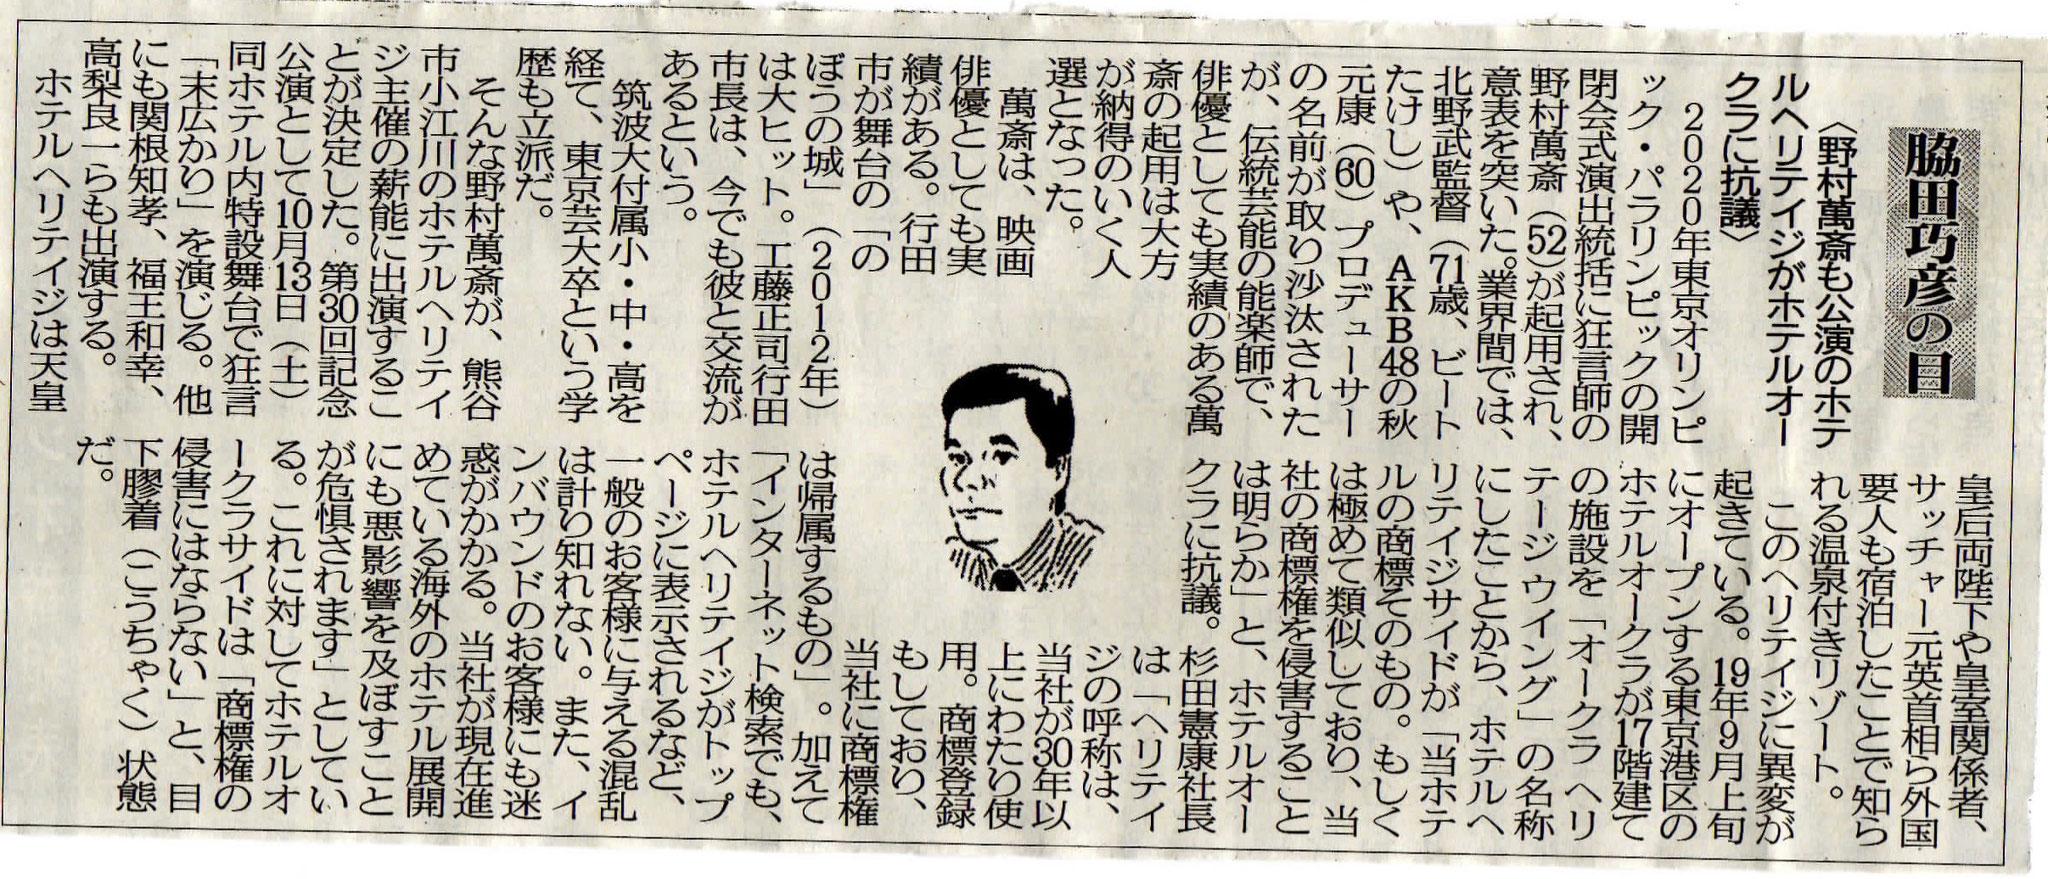 2018年08月17日 野村萬斎も公演のホテルヘリテイジがホテルオークラに抗議